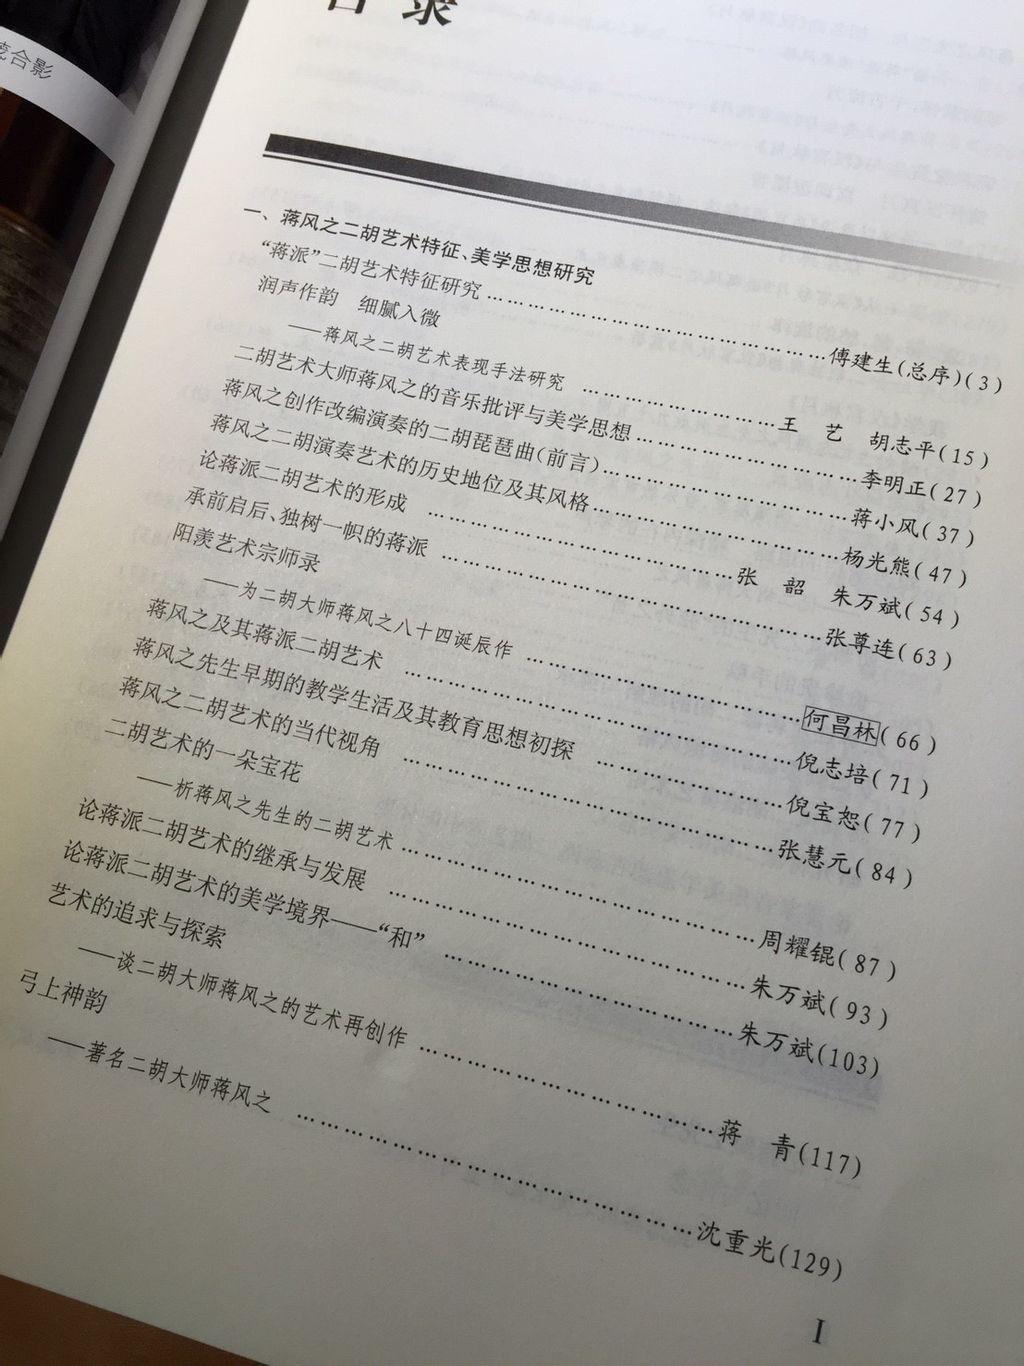 蔣風之二胡藝術研究文集.jpg